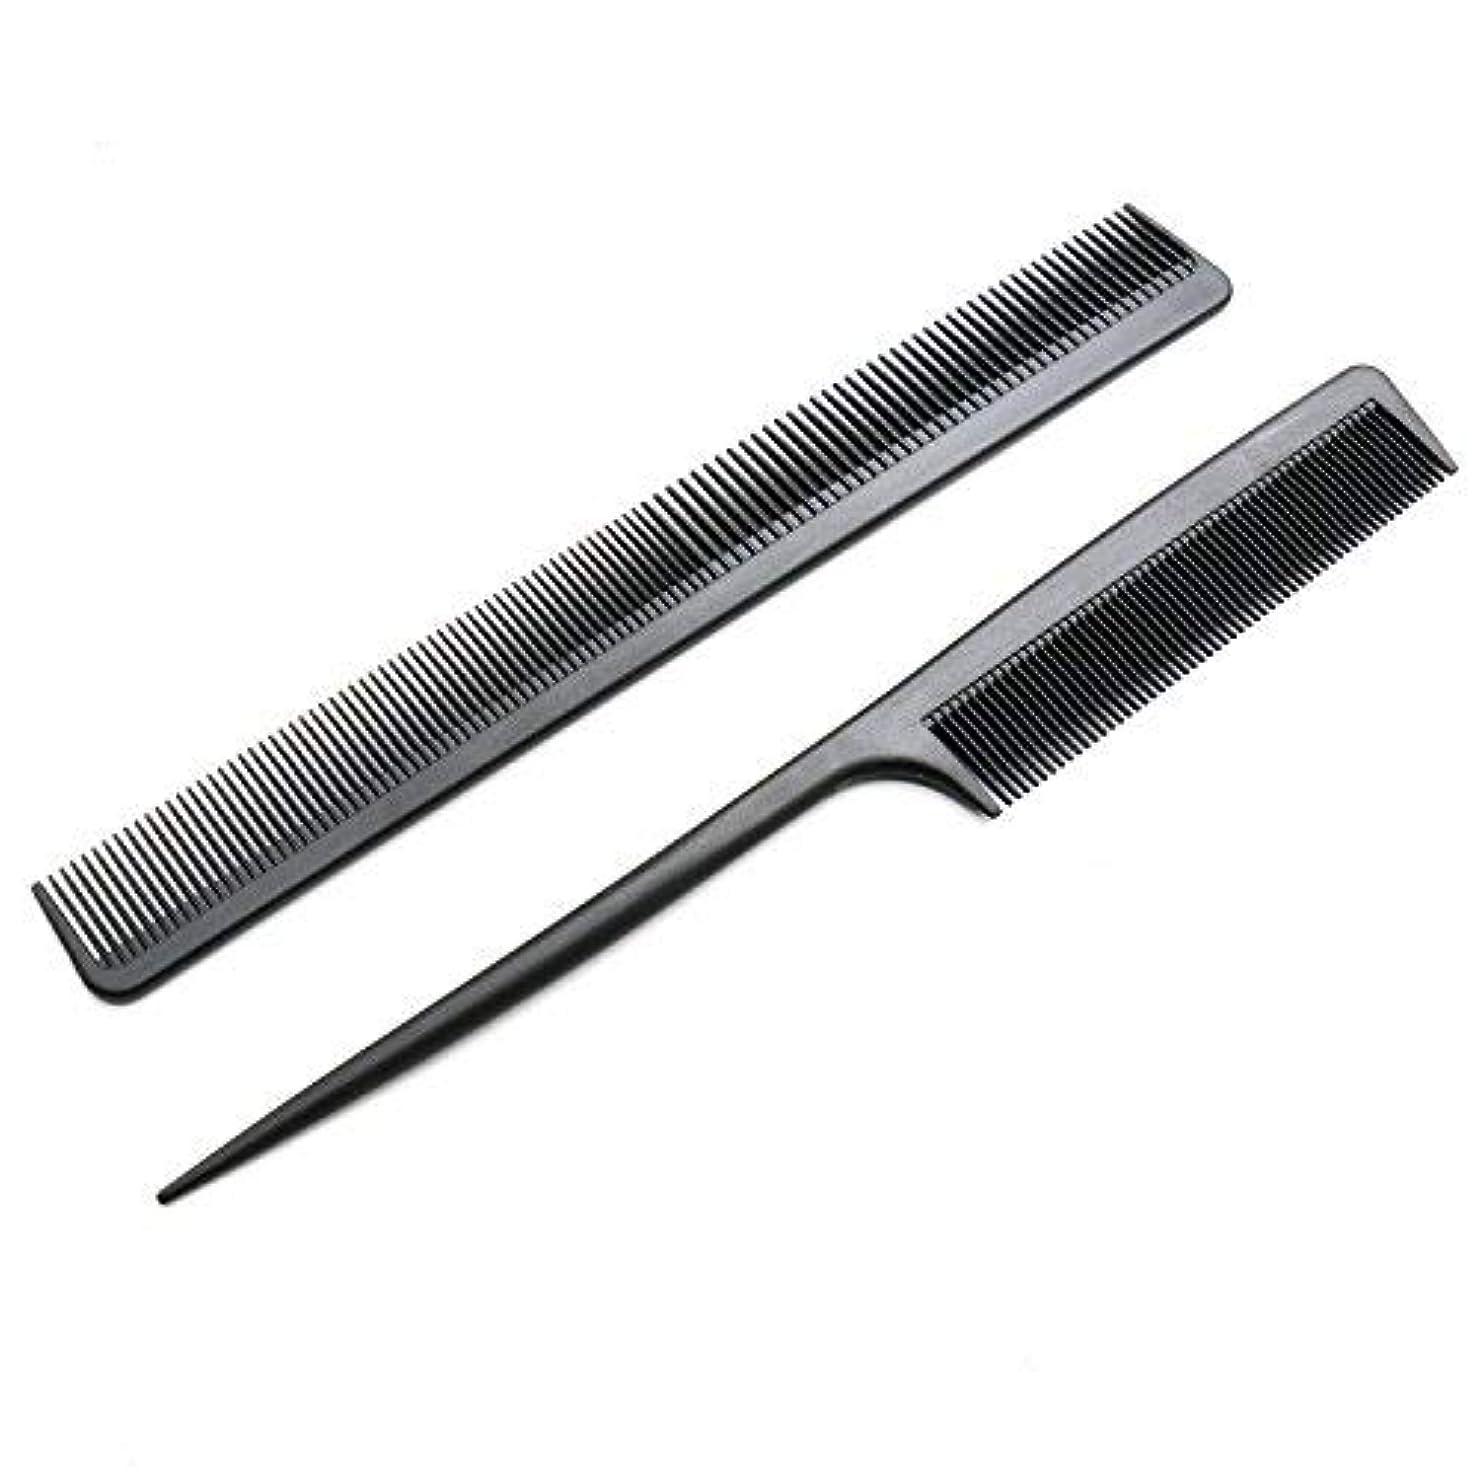 ラップバレルライン2 Pack Carbon Fiber Anti Static Chemical And Heat Resistant Tail Comb For All Hair Types,Black [並行輸入品]